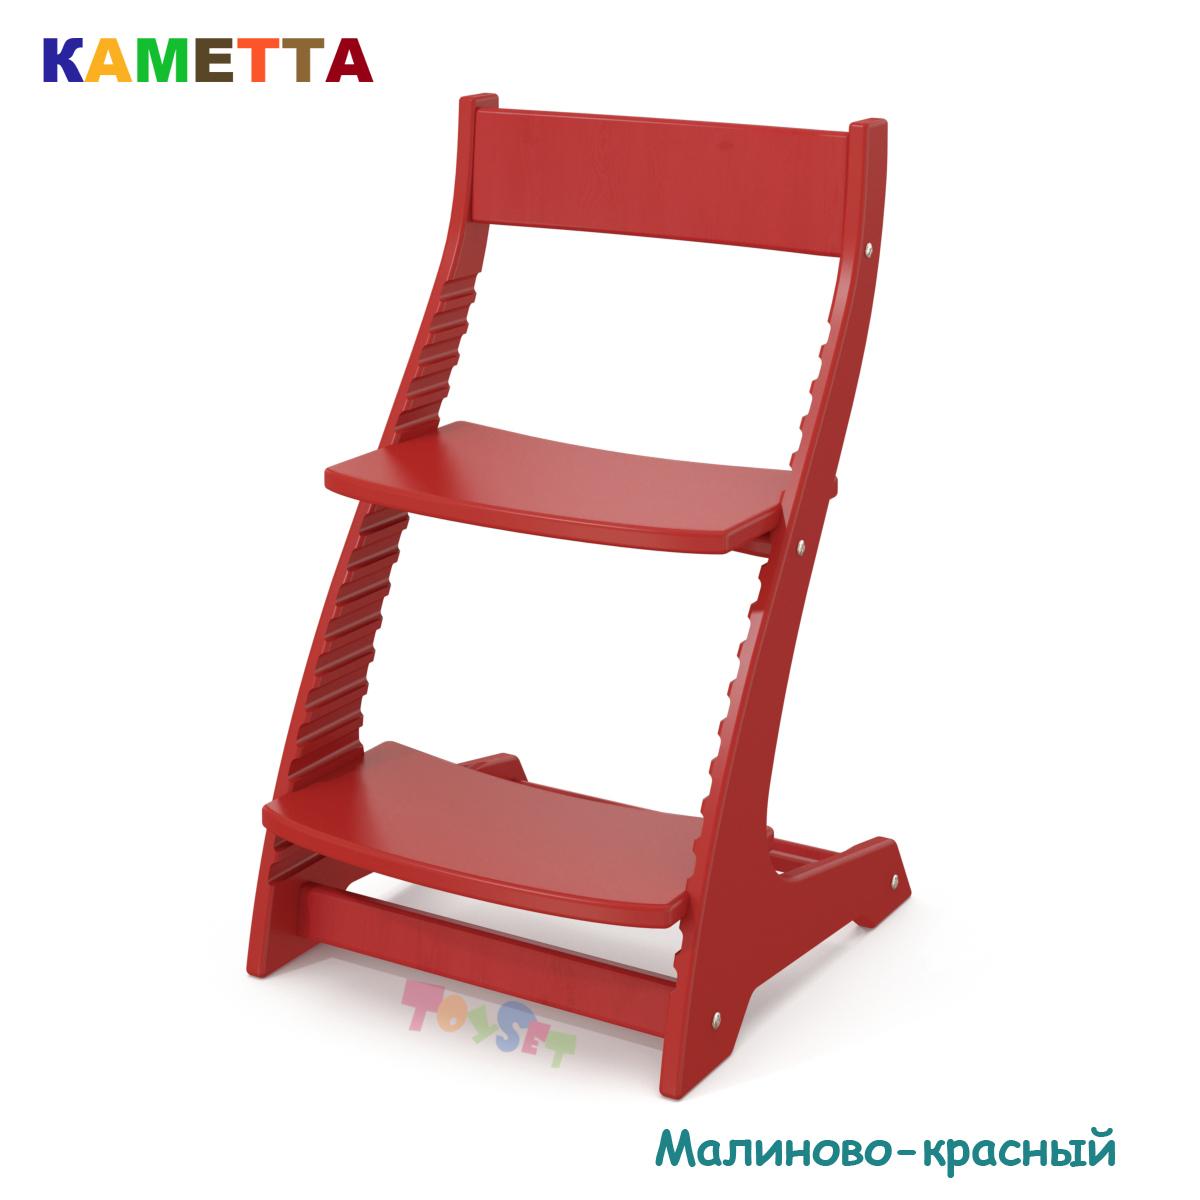 Малиново-красный